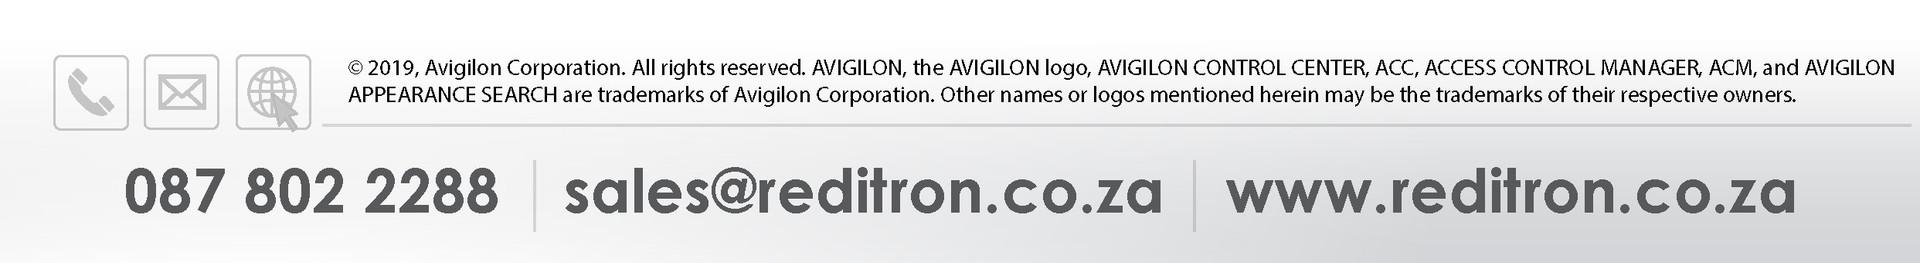 Avigilon-H4-Multisensor%20emailerCS6-04(1).jpg